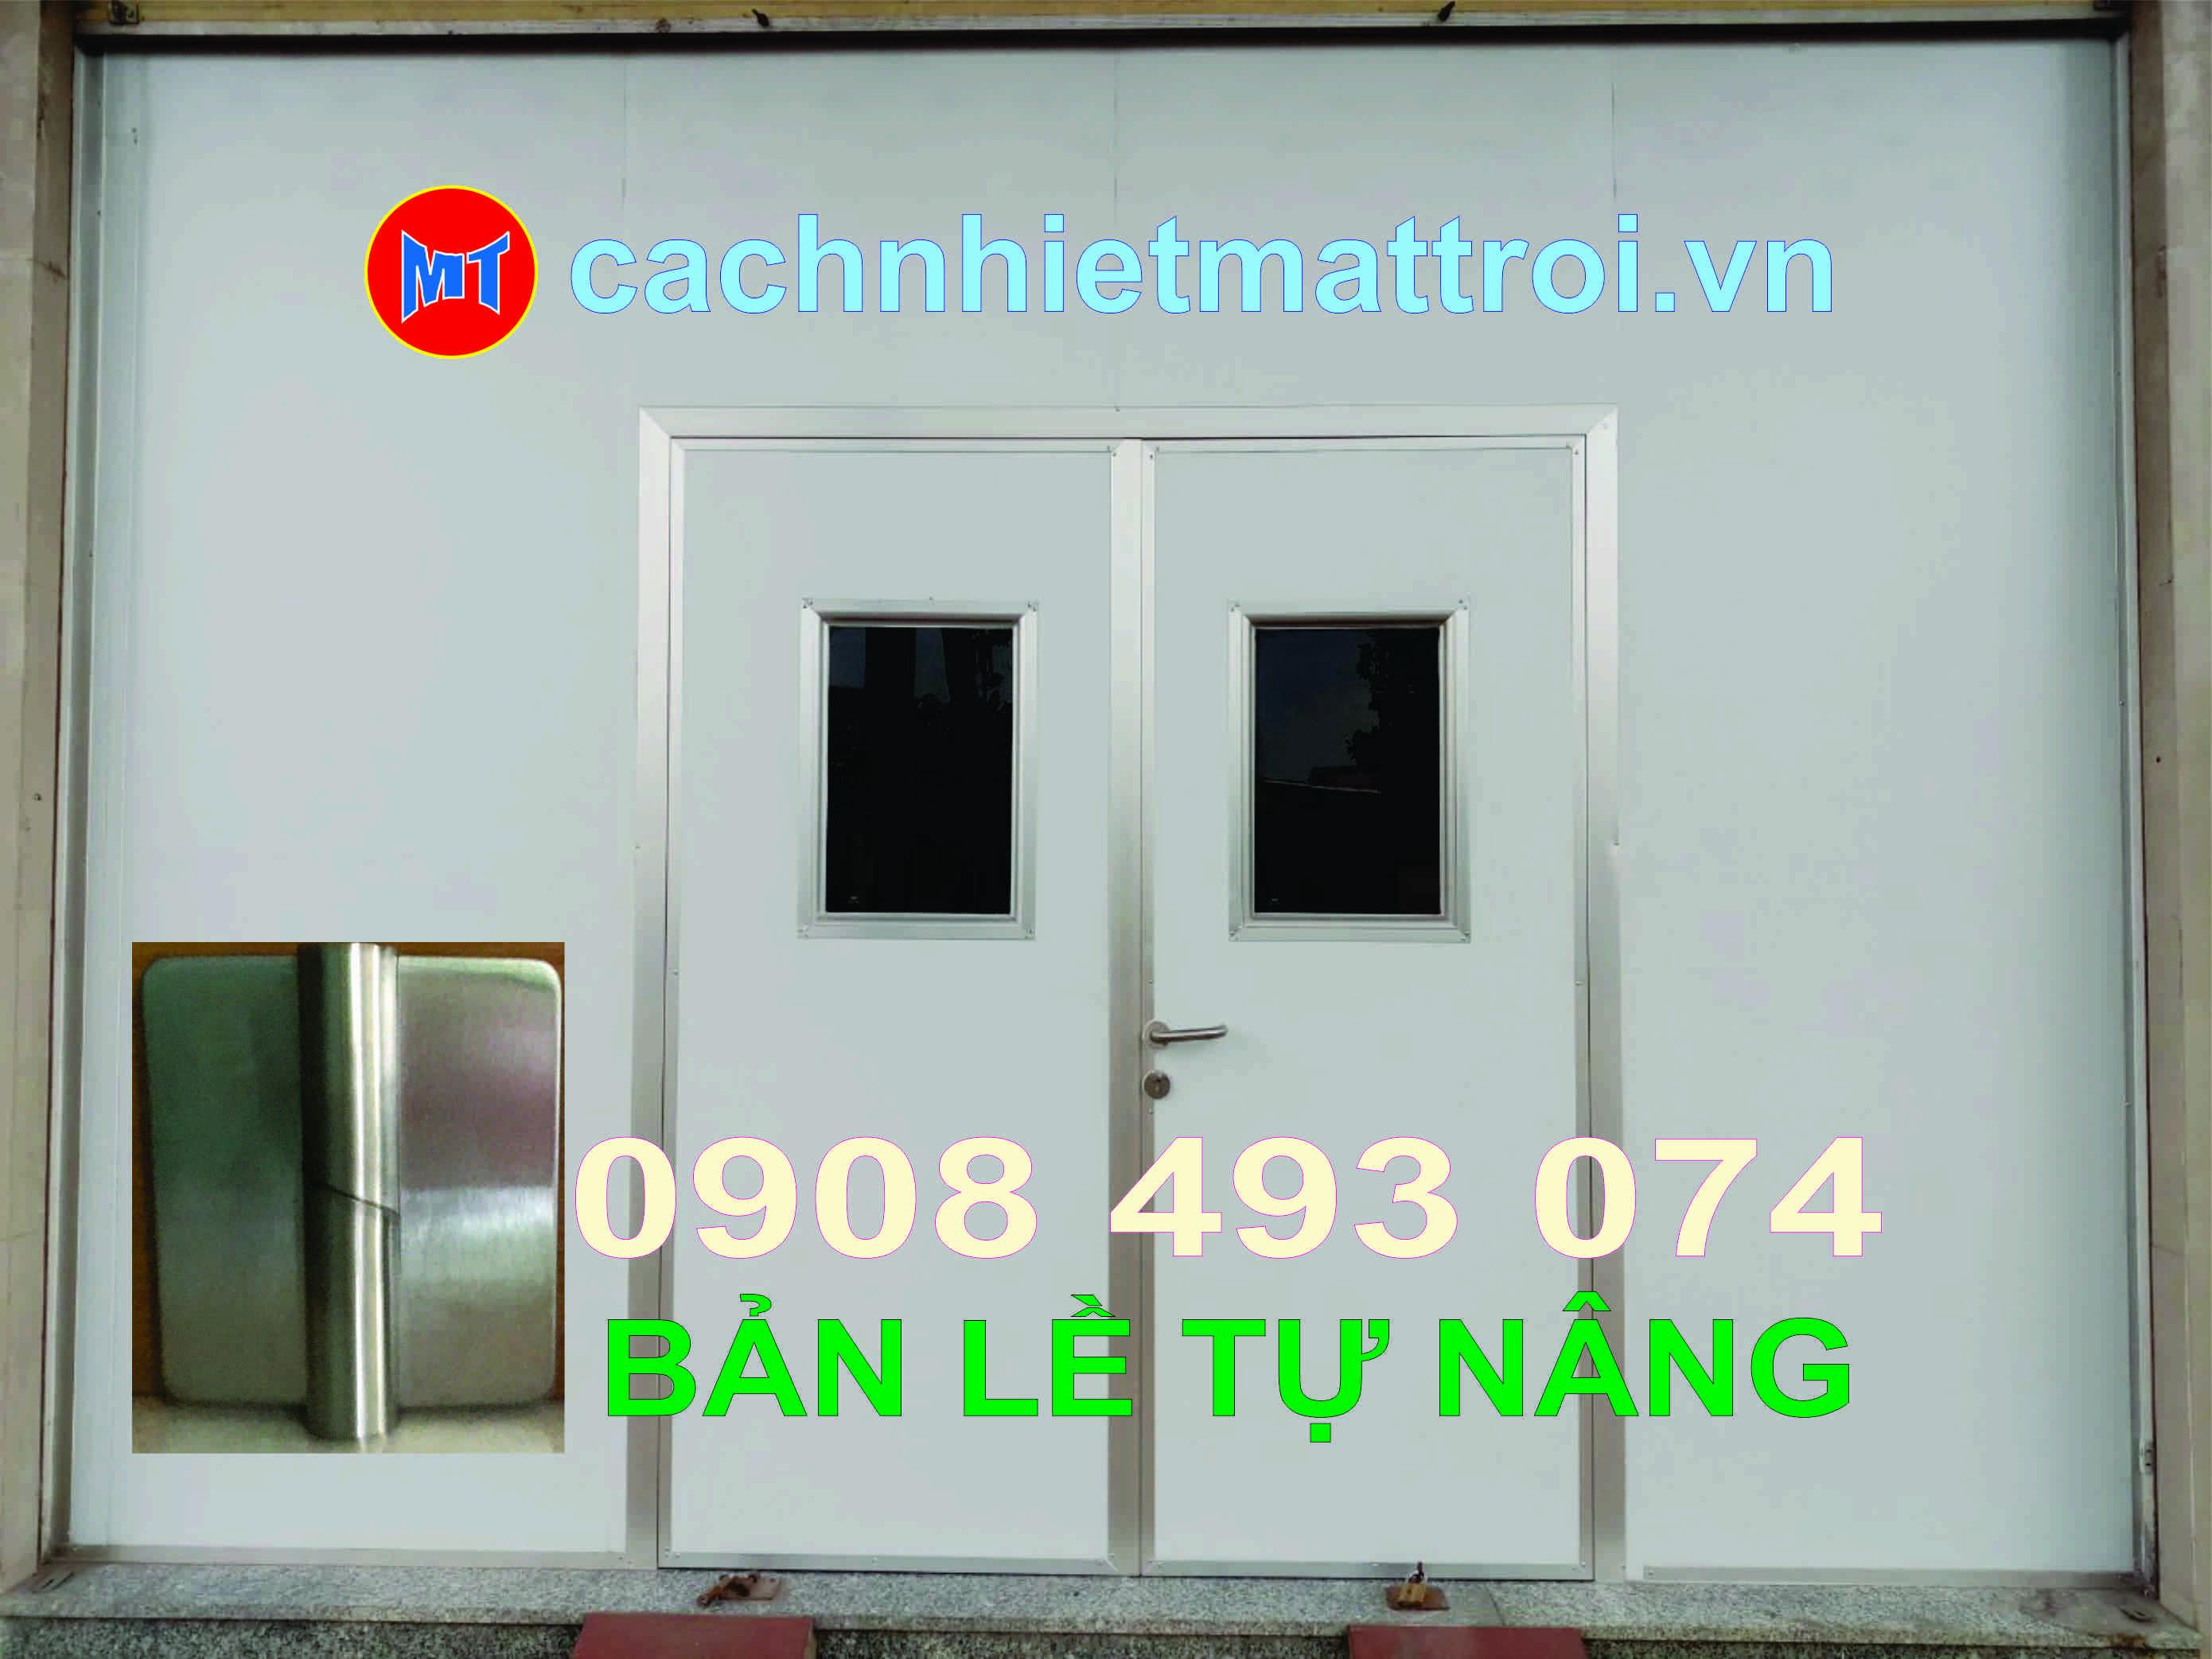 hình ảnh sản phẩm BẢN LỀ TỰ NÂNG INOX 304 - BẢN LỀ CỬA PANEL PHÒNG SẠCH